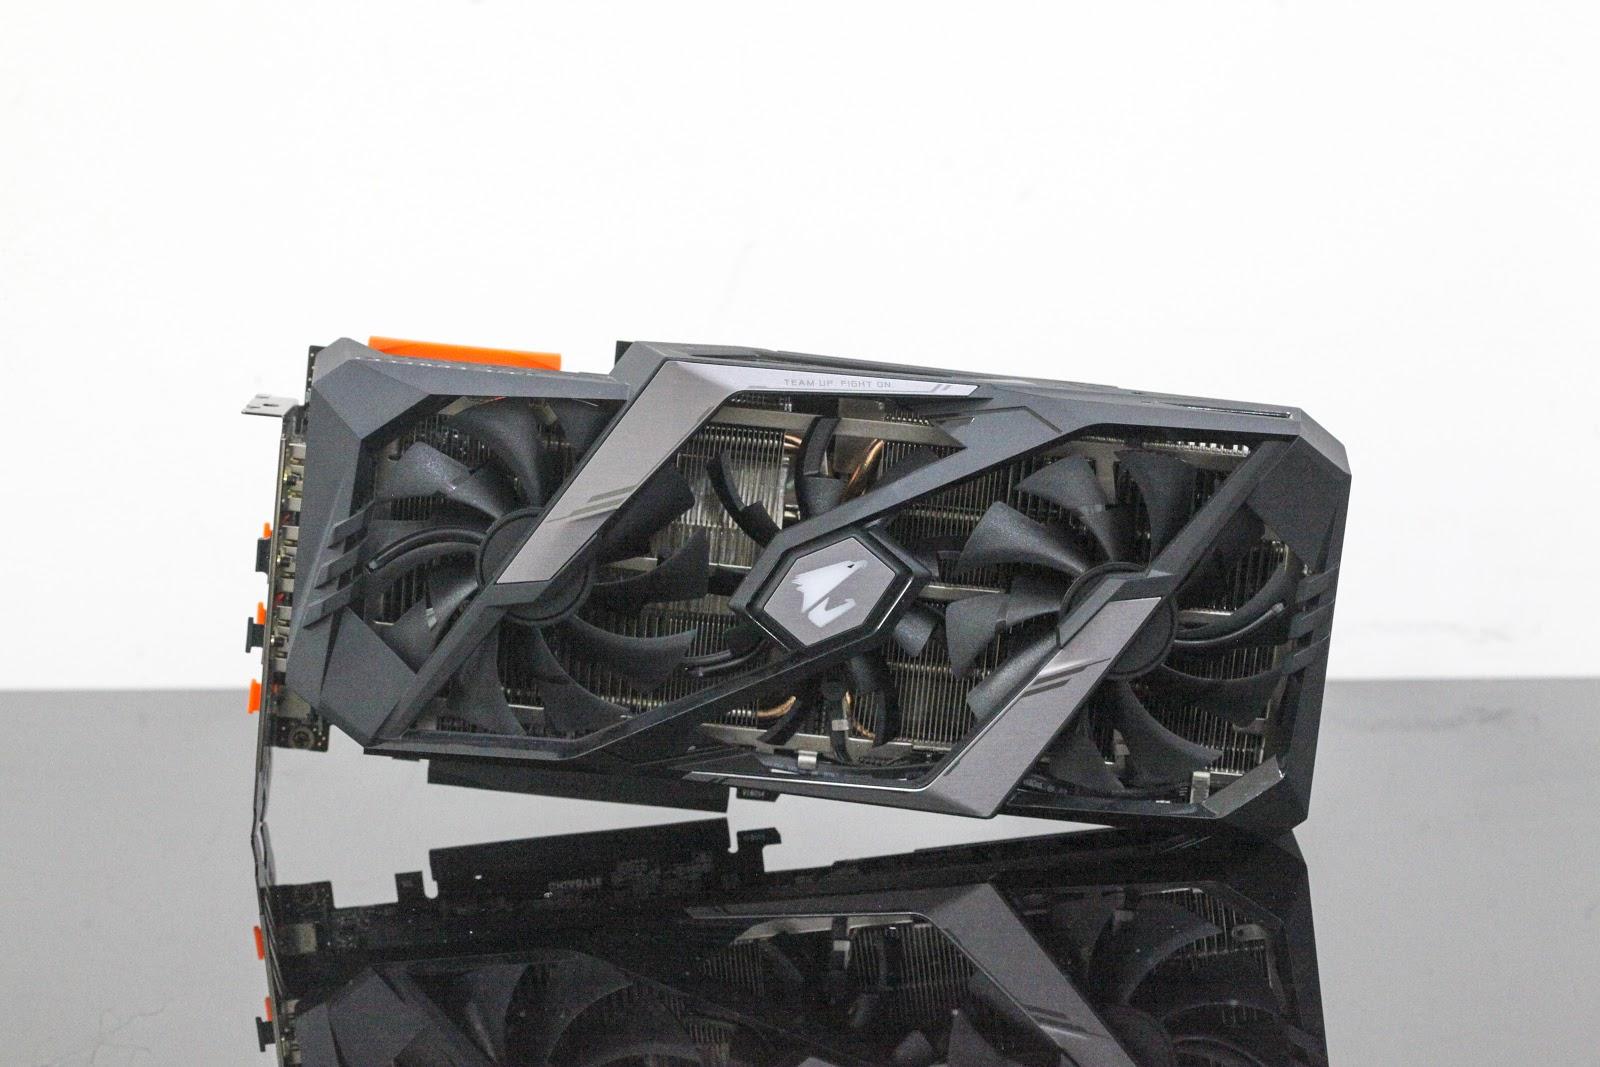 Gigabyte Aorus GeForce RTX 2080 Xtreme: chiếc card đồ họa đẹp nhất năm 2018 - Ảnh 4.